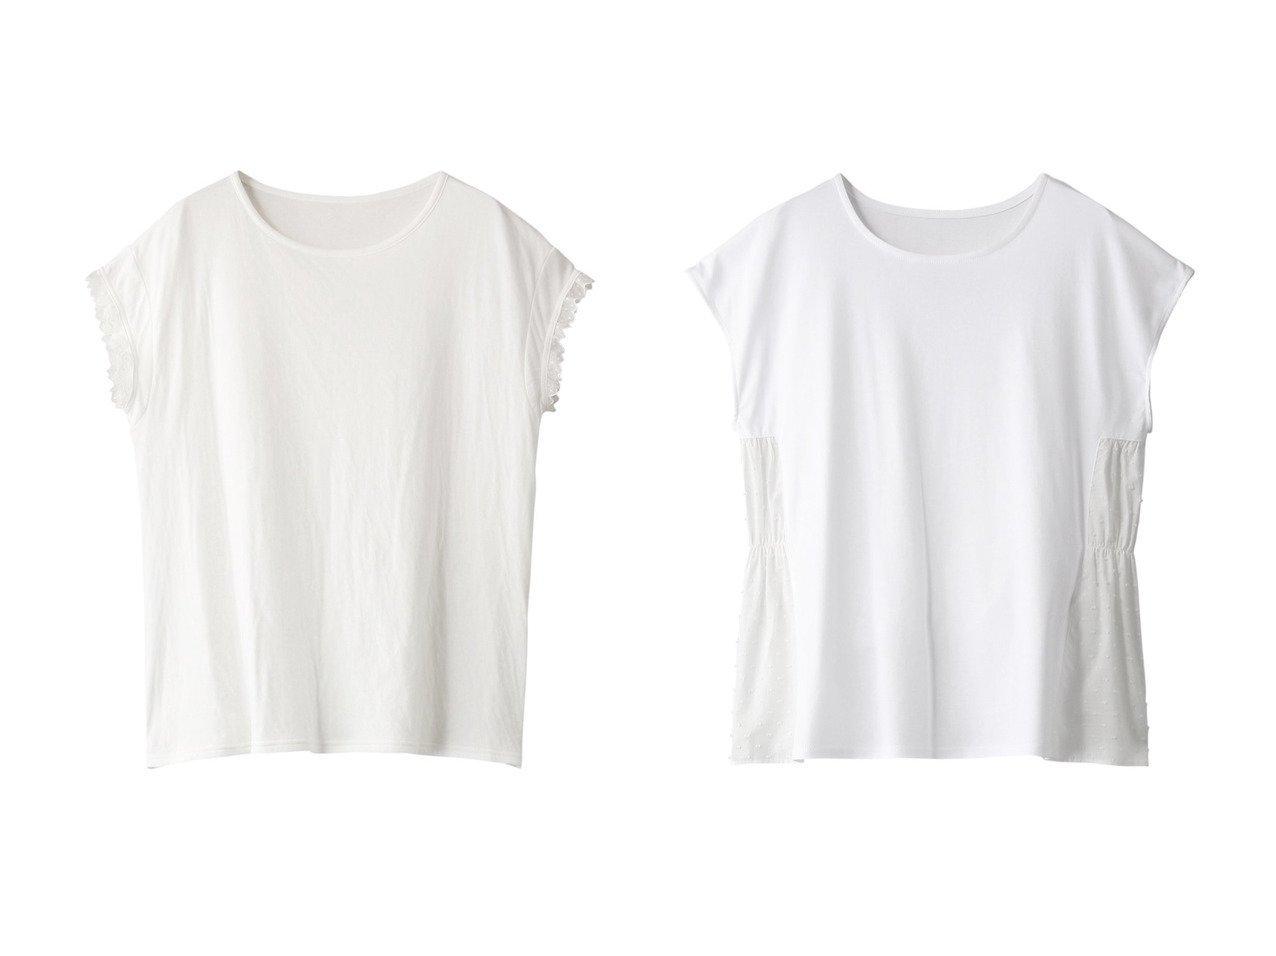 【nanadecor/ナナデコール】のリラックスコットンフリルトップス&スノードットTシャツ 【トップス・カットソー】おすすめ!人気、トレンド・レディースファッションの通販 おすすめで人気の流行・トレンド、ファッションの通販商品 メンズファッション・キッズファッション・インテリア・家具・レディースファッション・服の通販 founy(ファニー) https://founy.com/ ファッション Fashion レディースファッション WOMEN トップス・カットソー Tops/Tshirt シャツ/ブラウス Shirts/Blouses ロング / Tシャツ T-Shirts カットソー Cut and Sewn ギャザー ショート スリーブ ドット おすすめ Recommend シンプル セットアップ フリル レース |ID:crp329100000029381